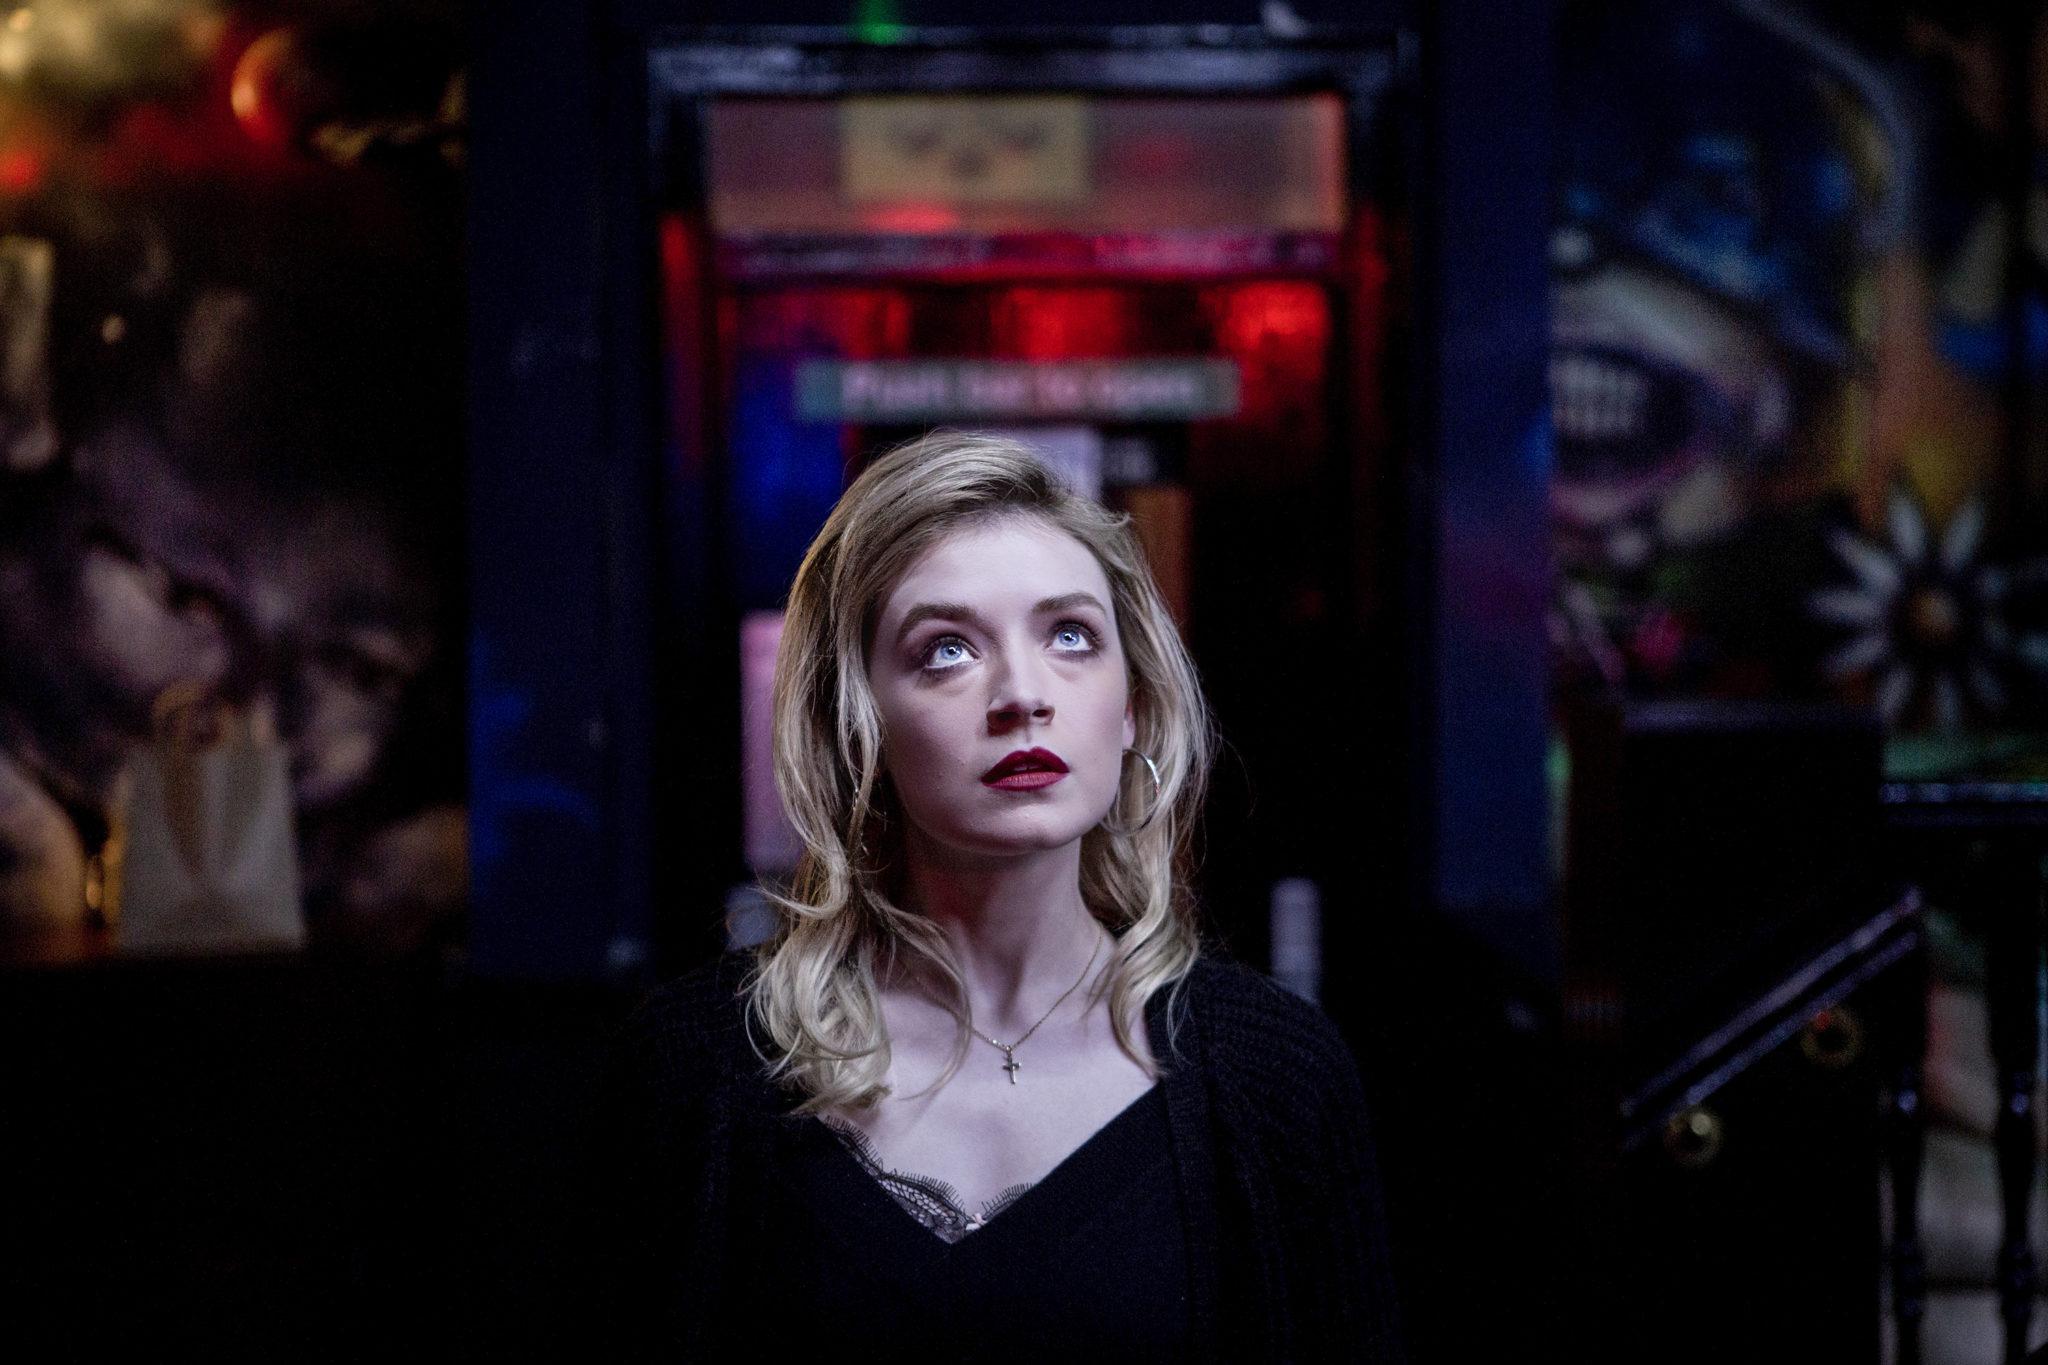 Sarah steht aufgebrezelt vor einem unscharfen Hintergrund, der einen Nachtclub suggeriert. Die einzige Lichtquelle ist auf sie gerichtet.